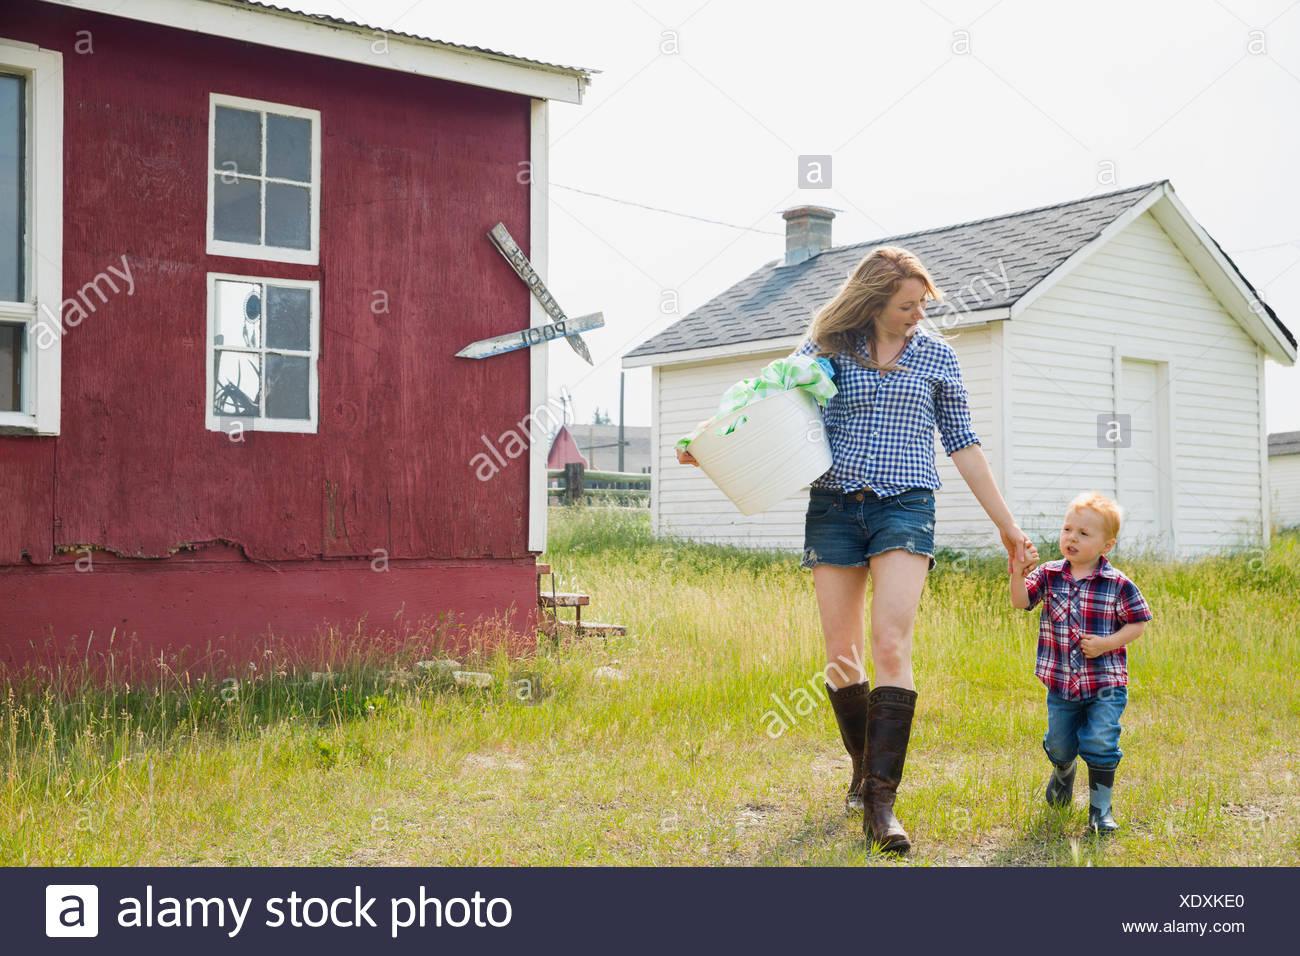 La mère et le fils à l'extérieur chambre blanchisserie comptable Photo Stock